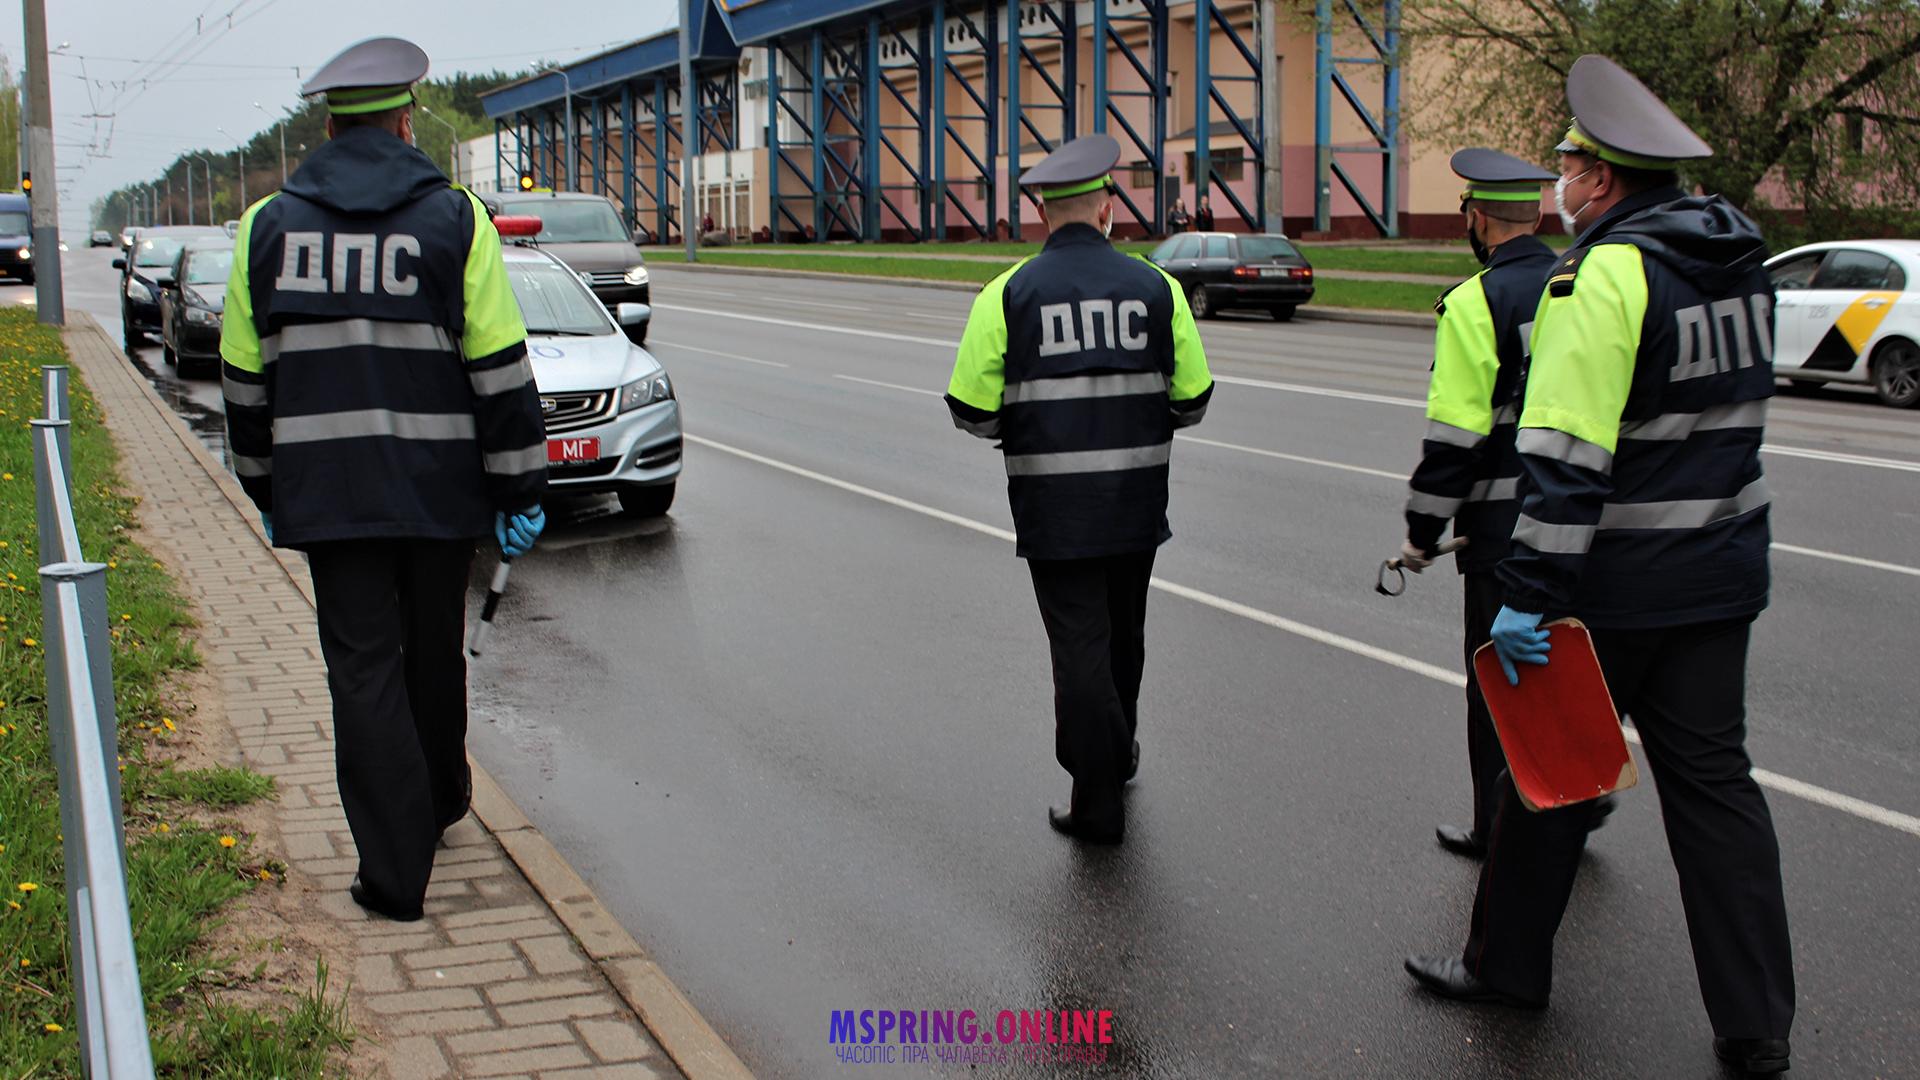 Улады пакрыўдзіліся: затрымалі ўдзельнікаў акцыі, на якой зняважылі міліцыю на Віцебскім праспекце ў Магілёве